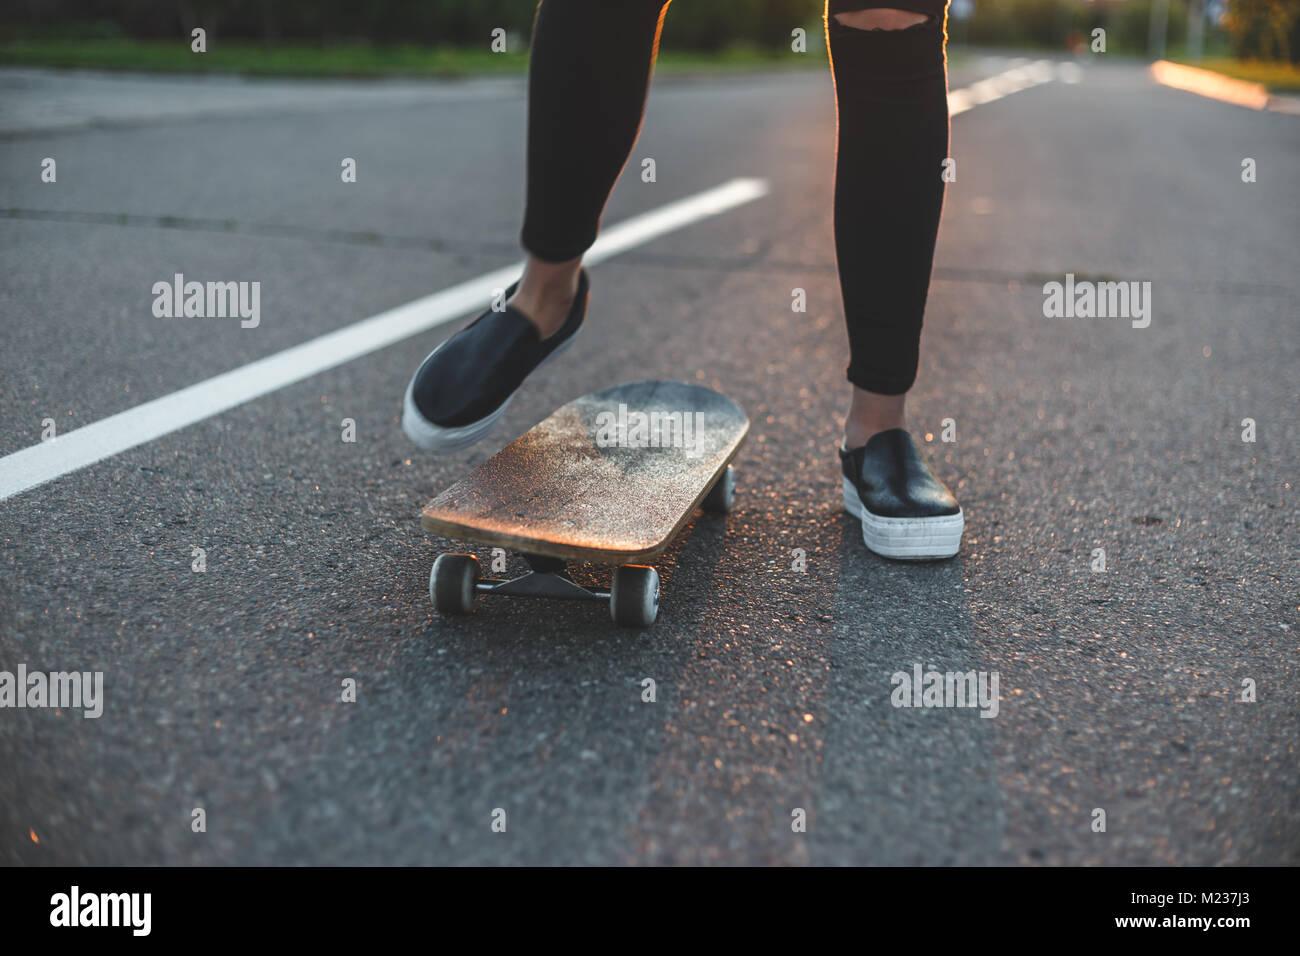 junge skateboarder beine reiten auf skateboard vor der sonne stockbild - Skateboard Bank Beine